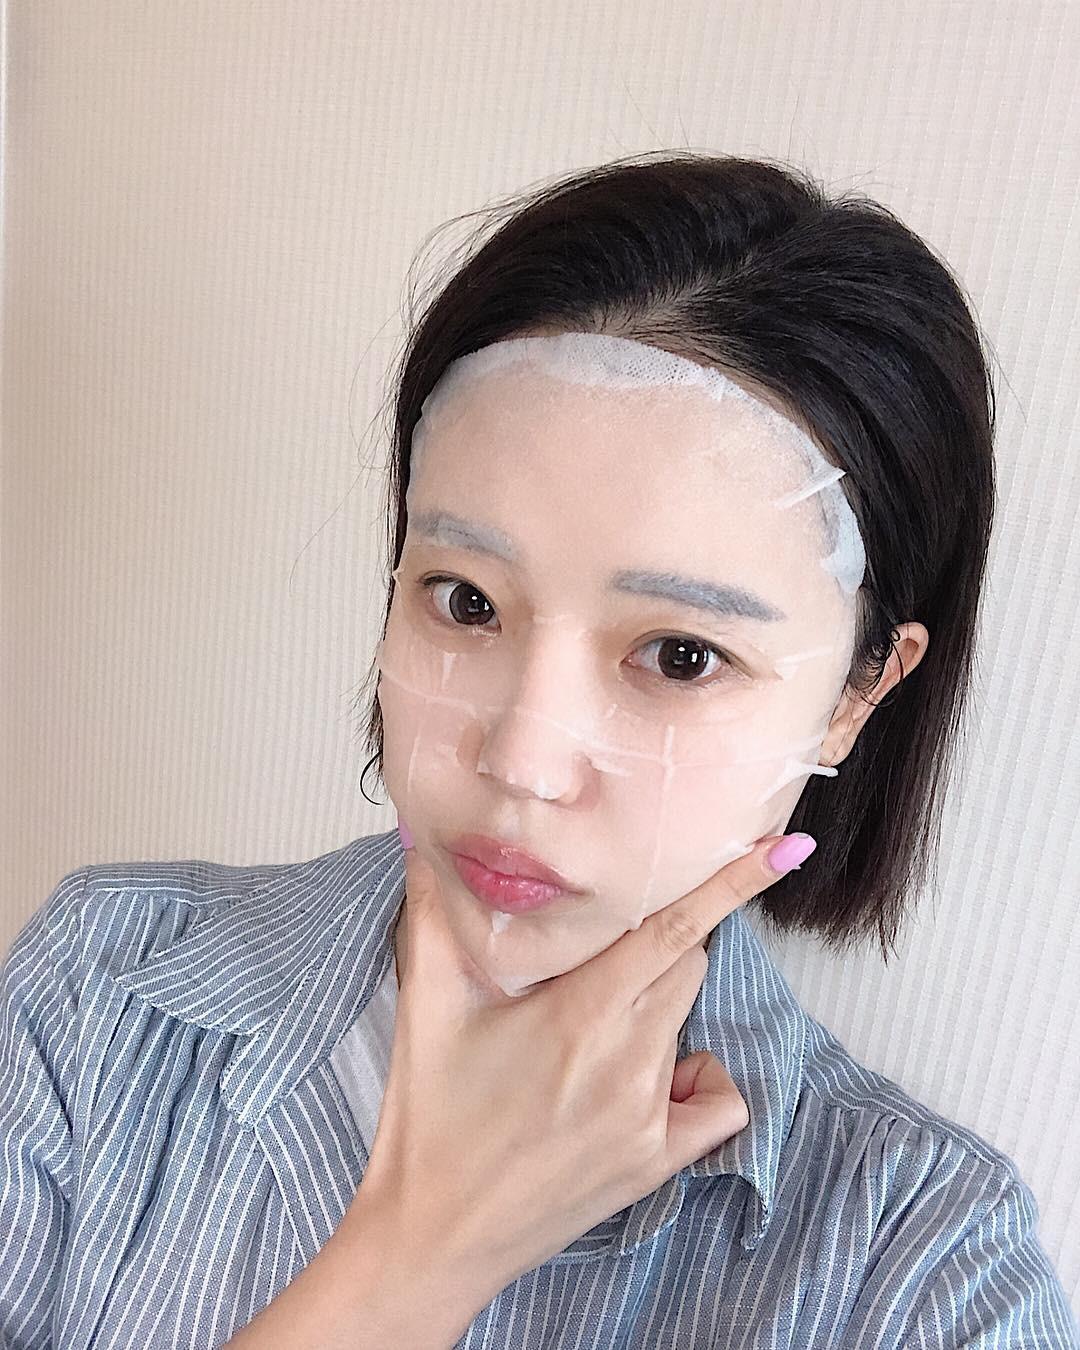 Mùa đông mà đắp mặt nạ theo cách này thì da không những không ẩm mượt mà còn nẻ toác-2